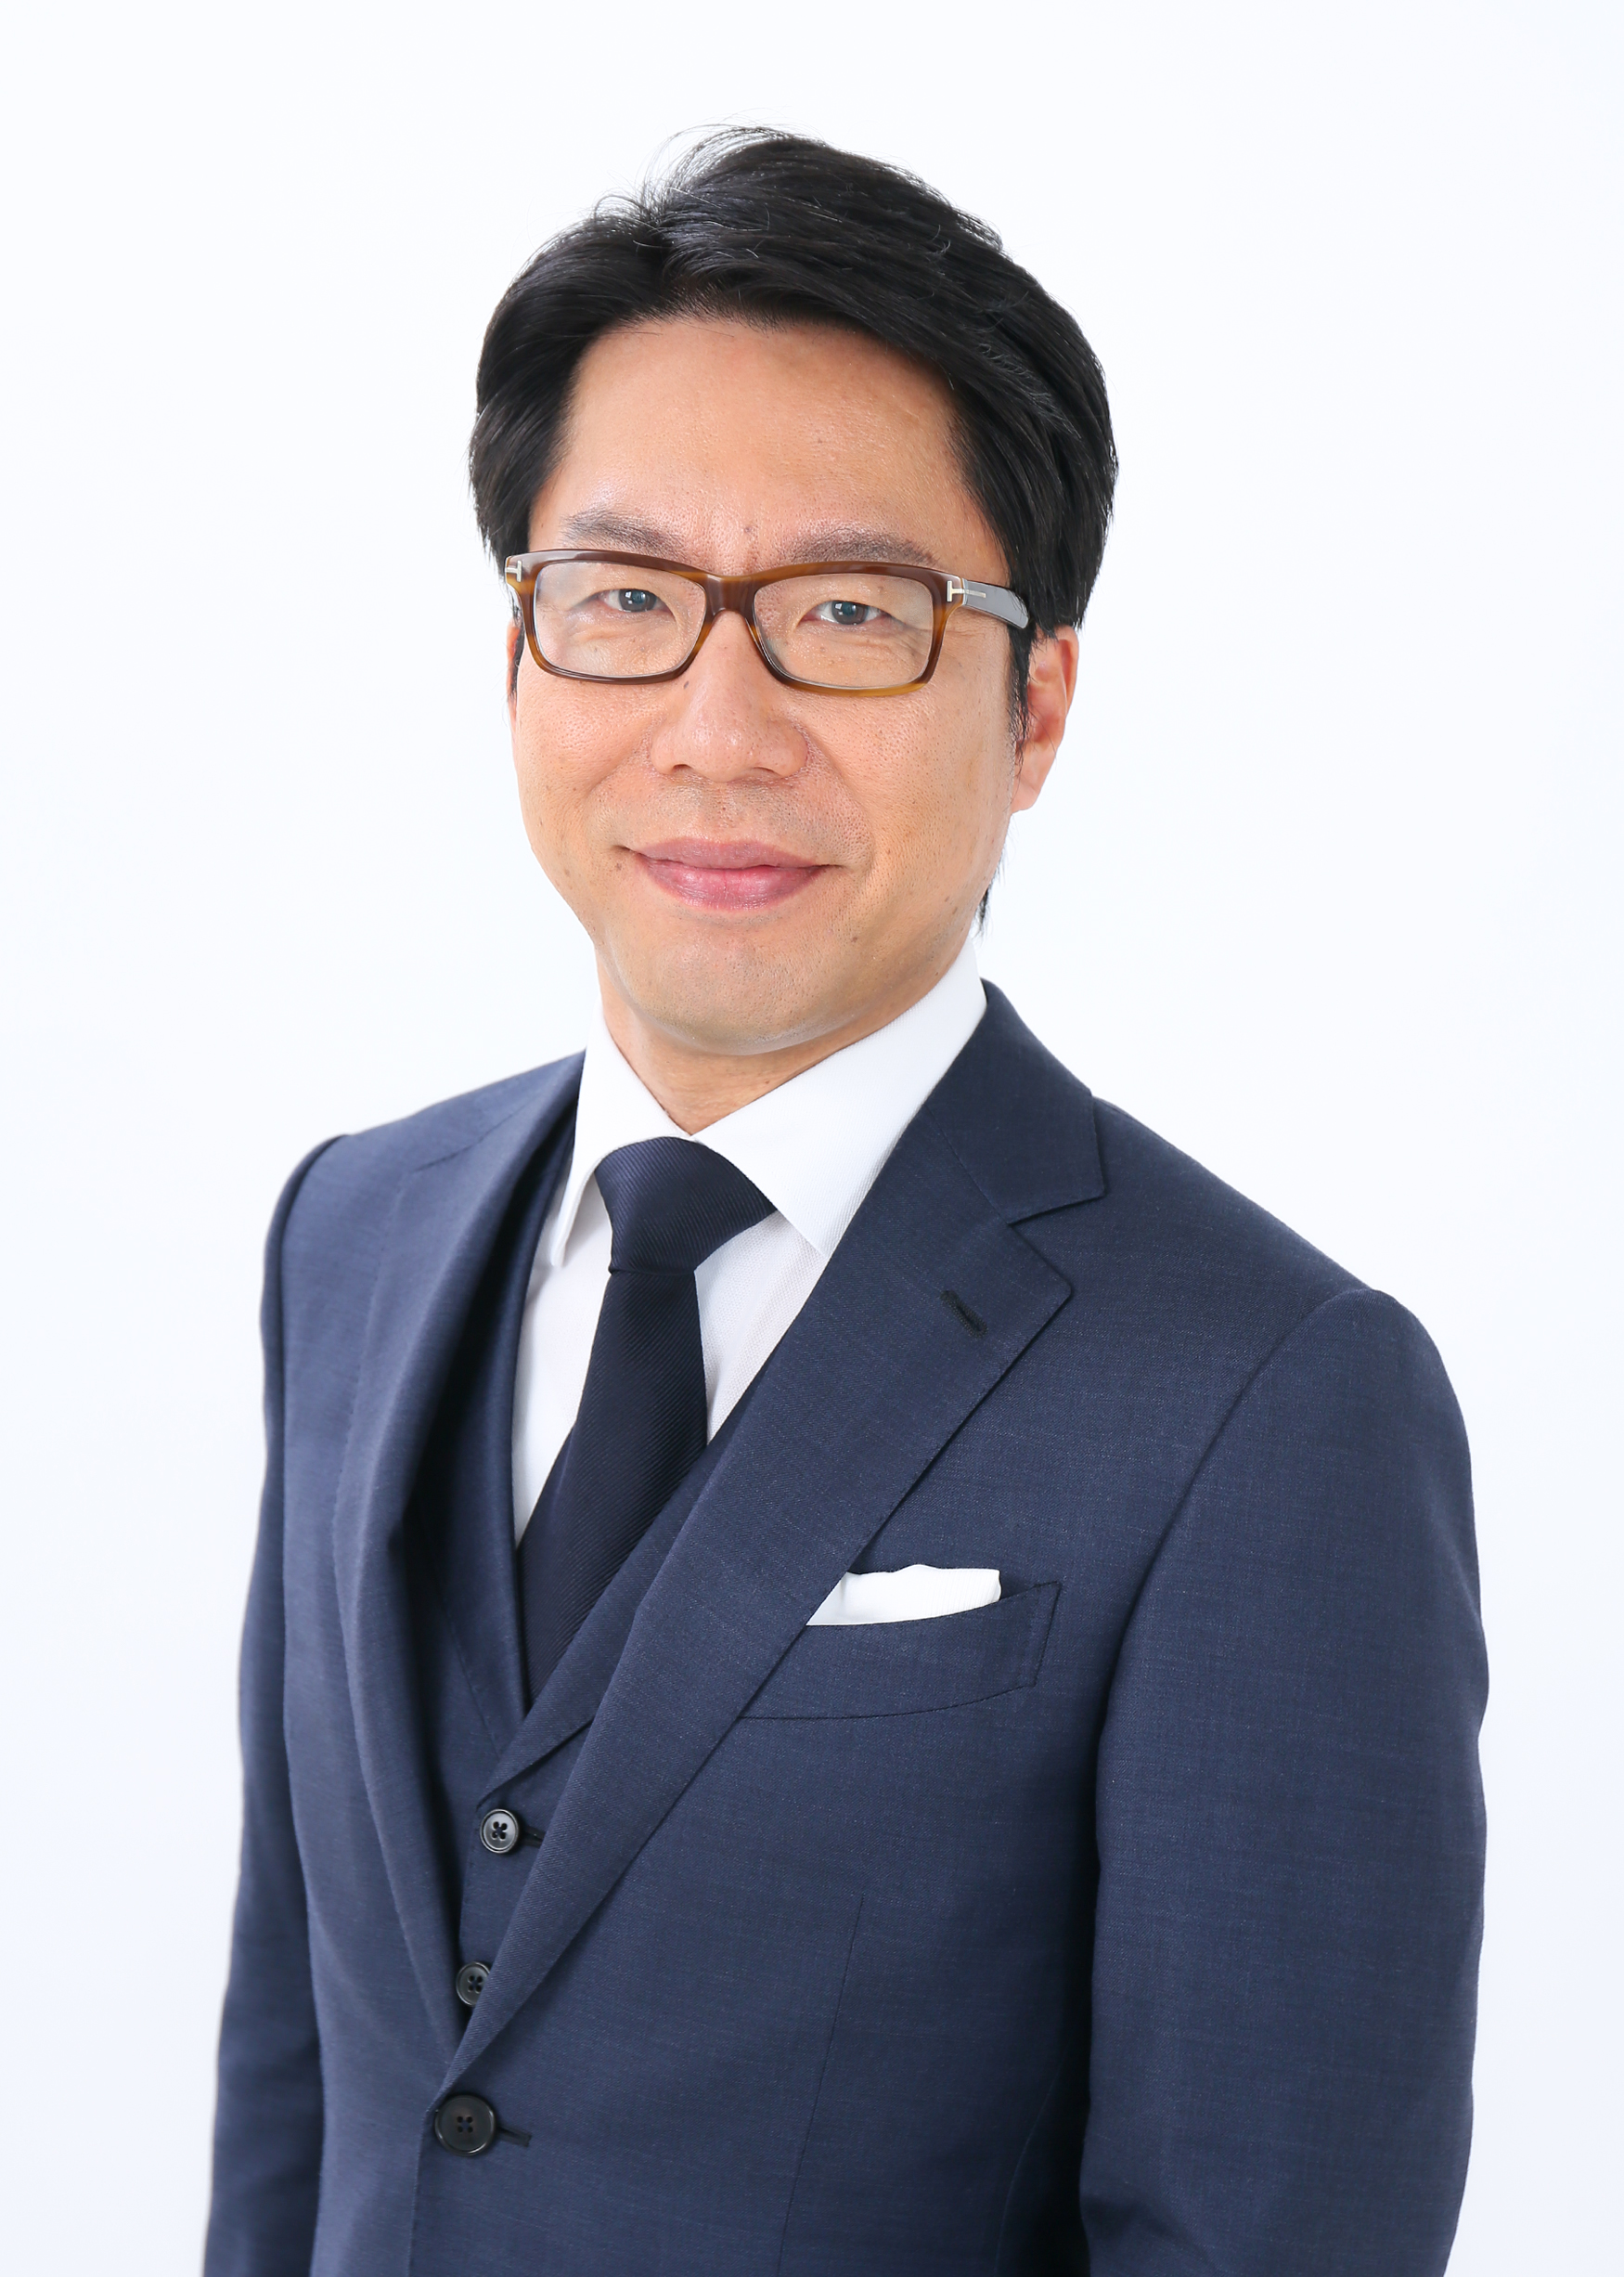 ドクター紹介・スタッフ紹介